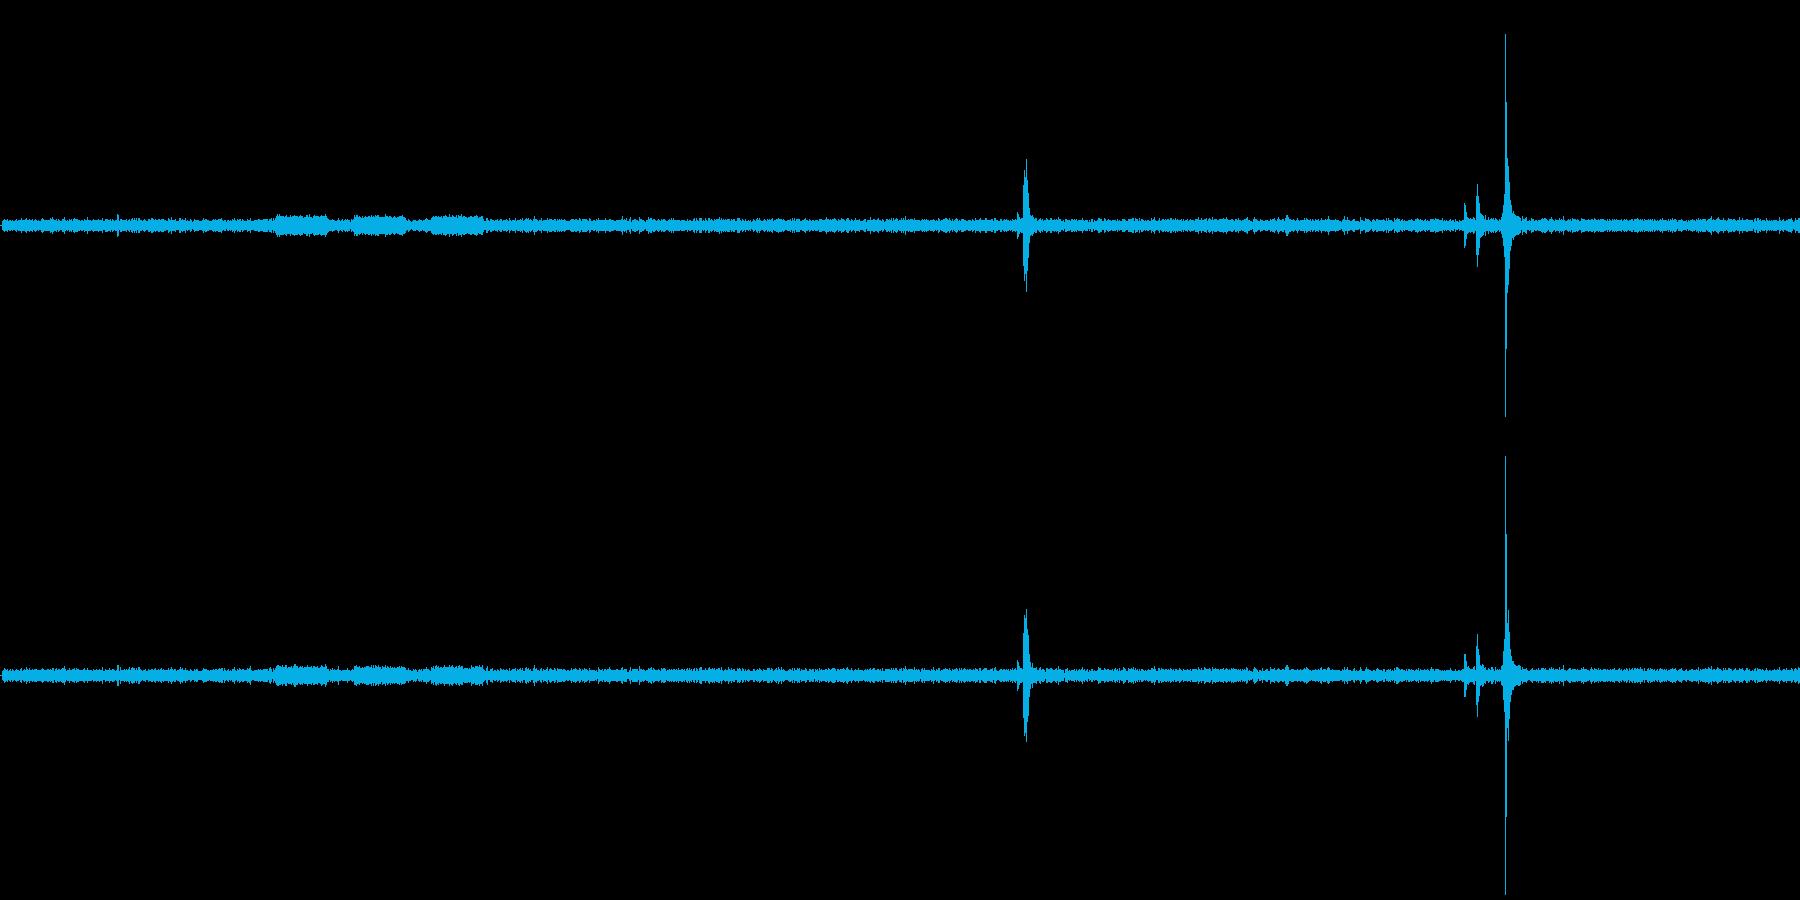 電子レンジの開閉音・稼働音ですの再生済みの波形